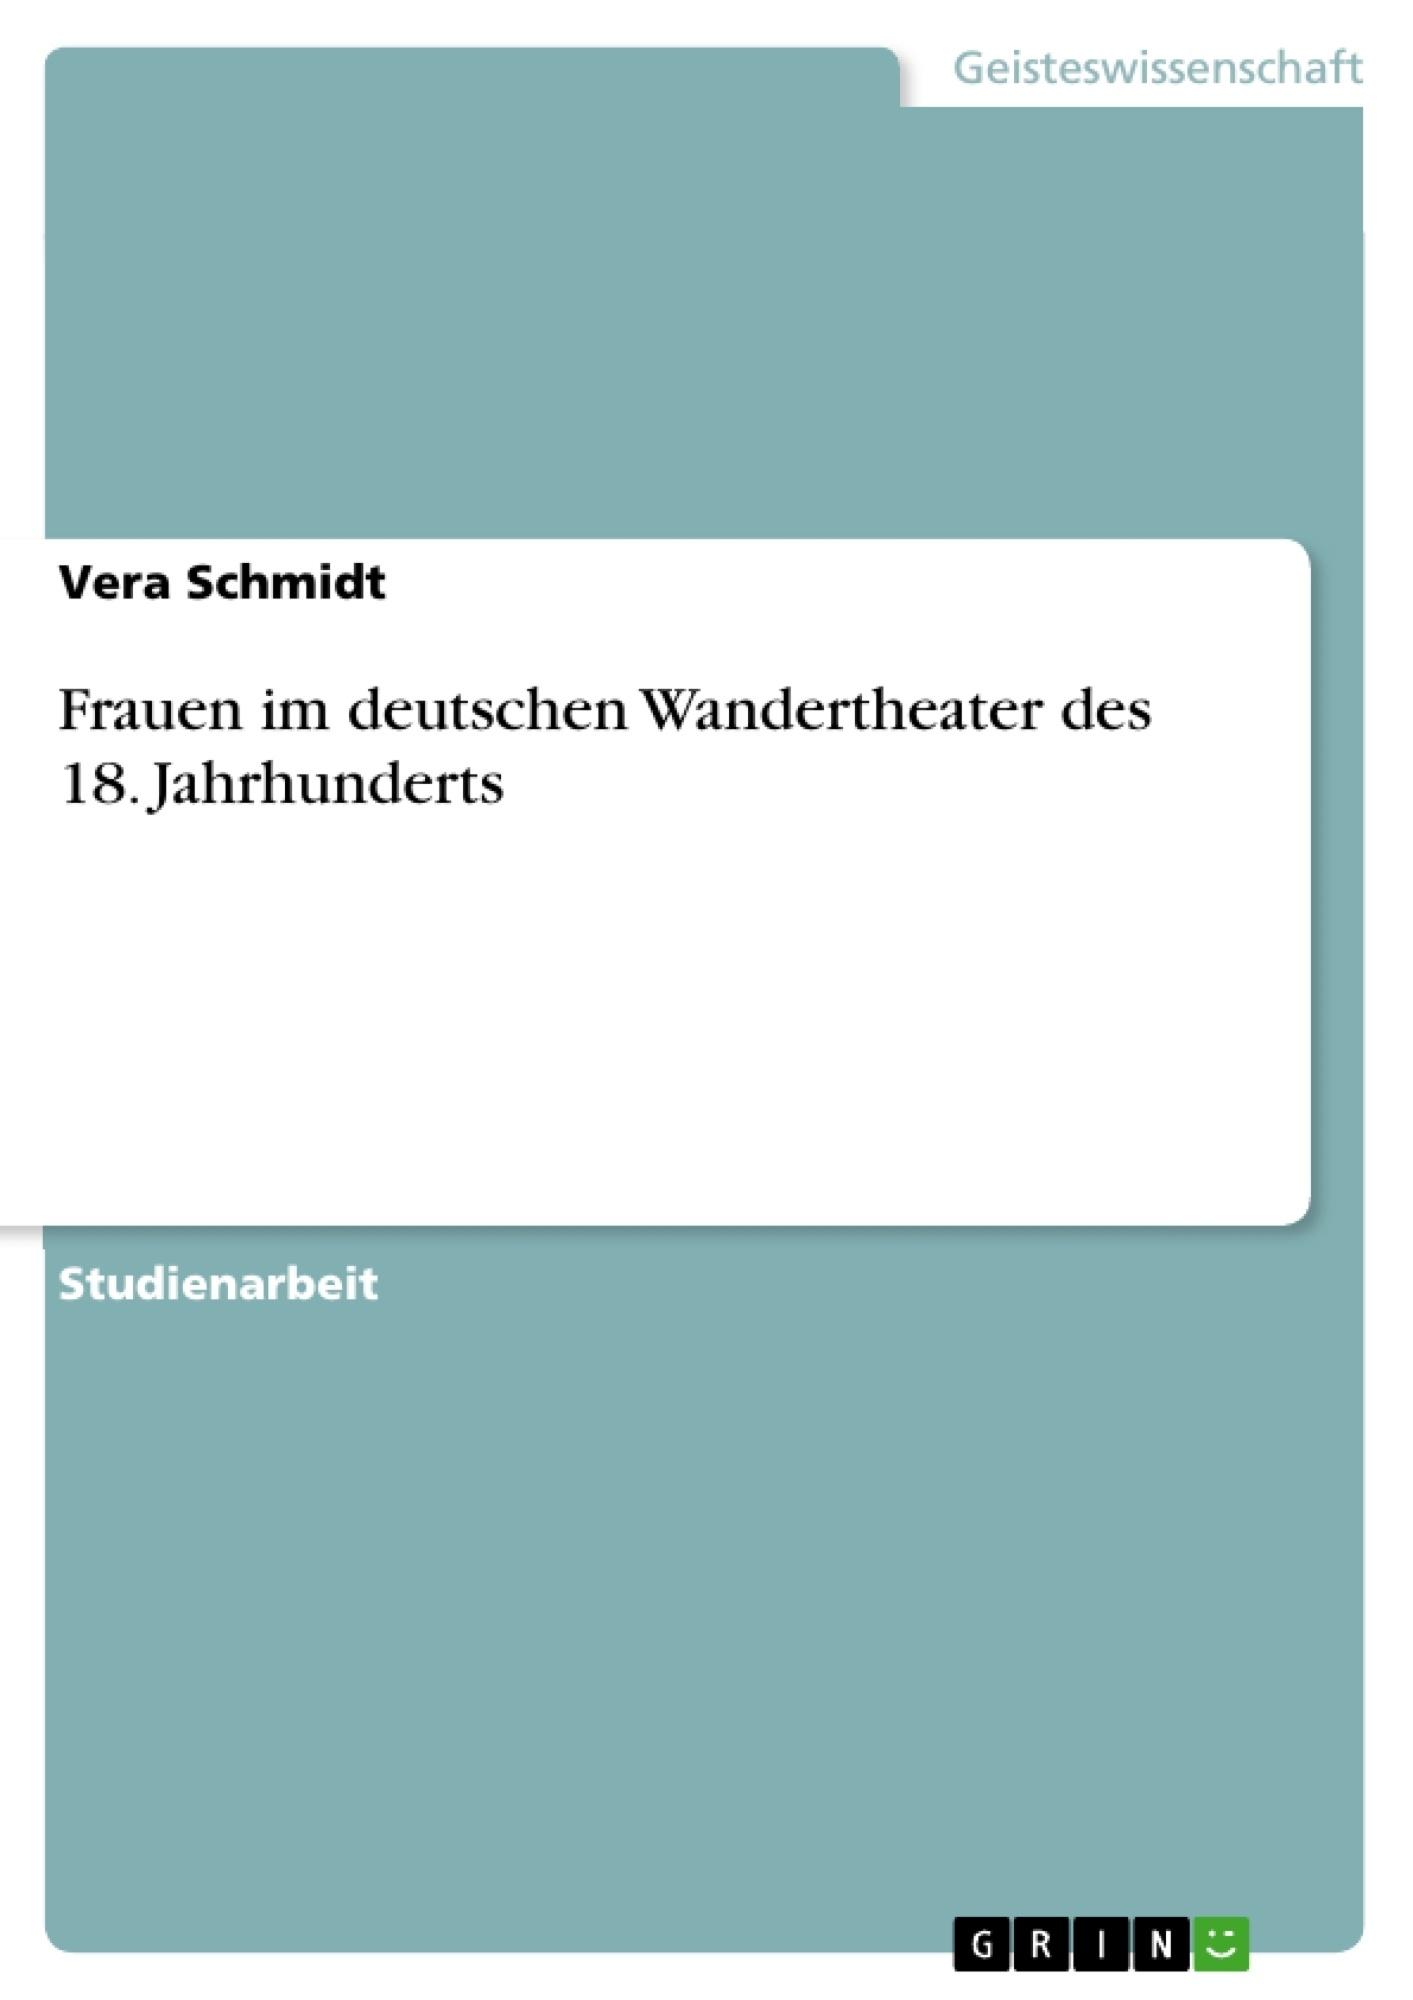 Titel: Frauen im deutschen Wandertheater des 18. Jahrhunderts